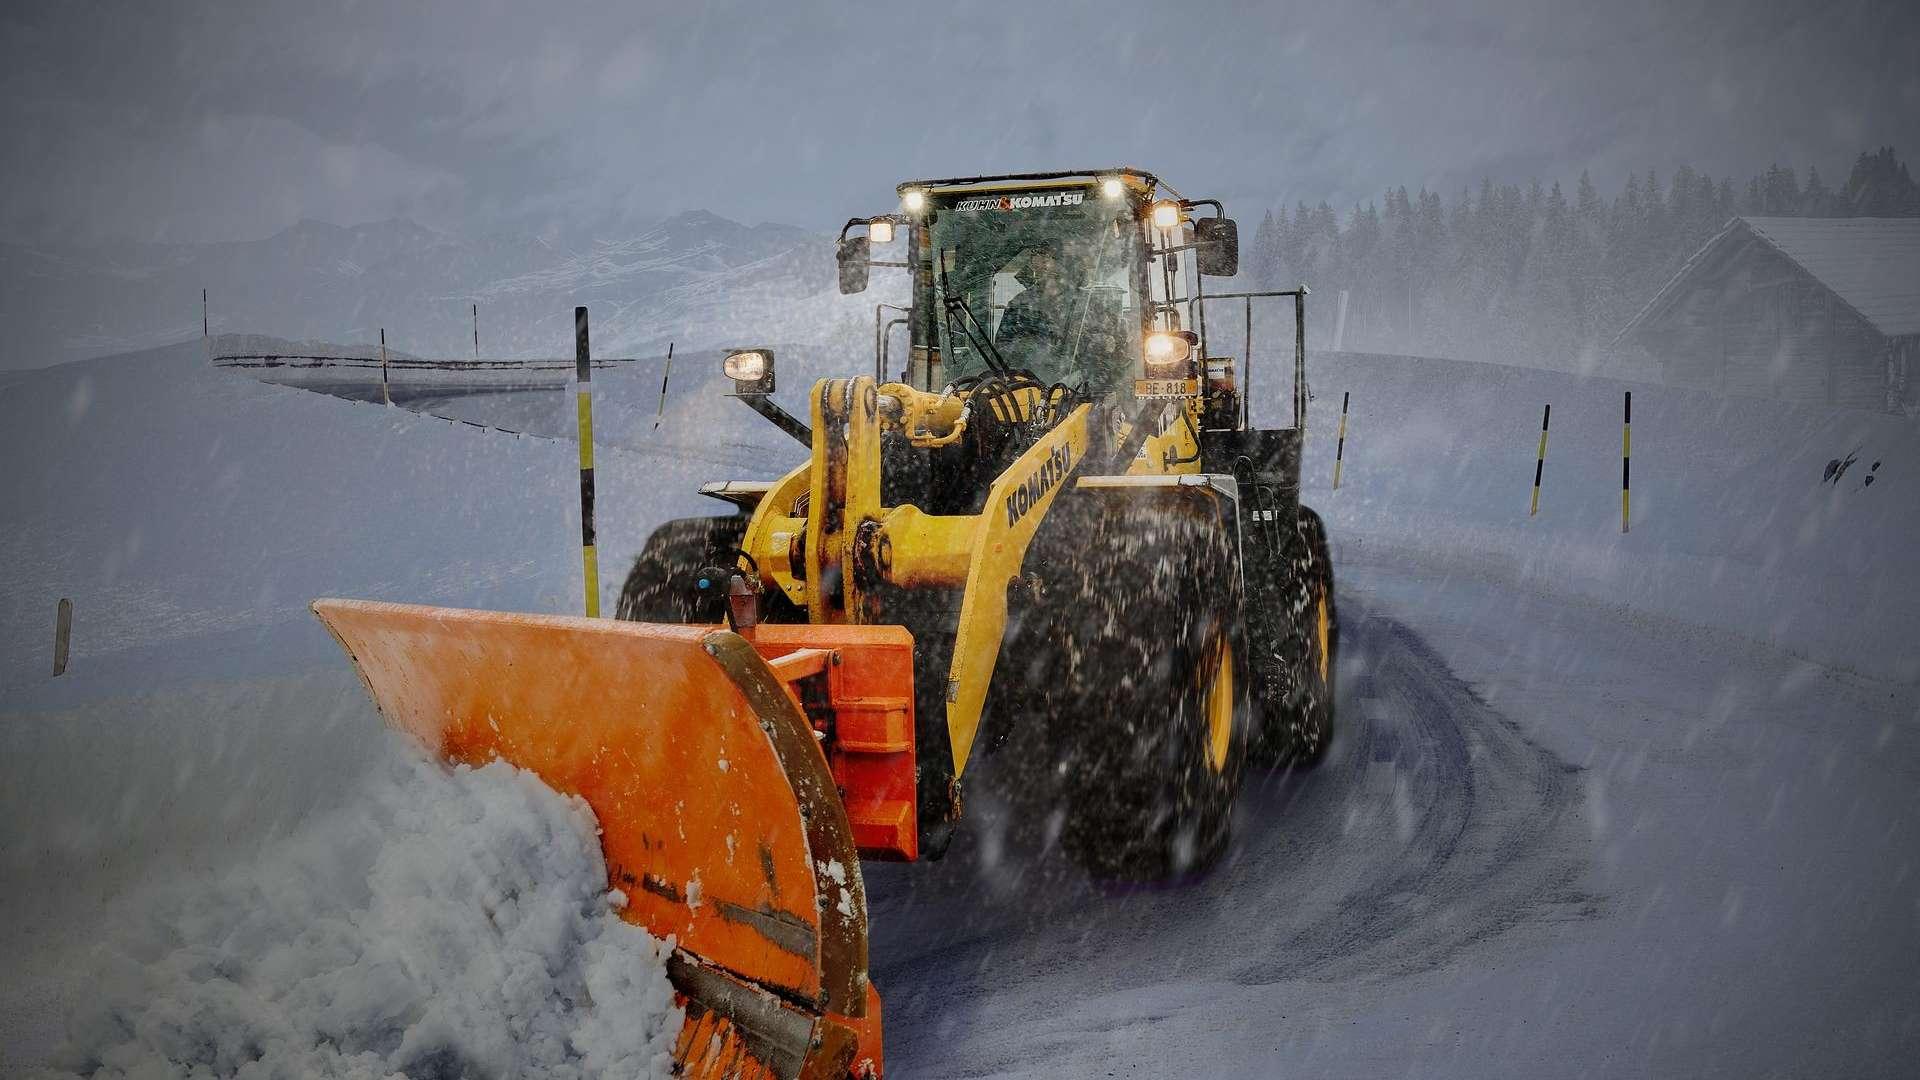 Keltainen traktori auraa tiellä lunta. On hämärää. Traktorissa on valot.